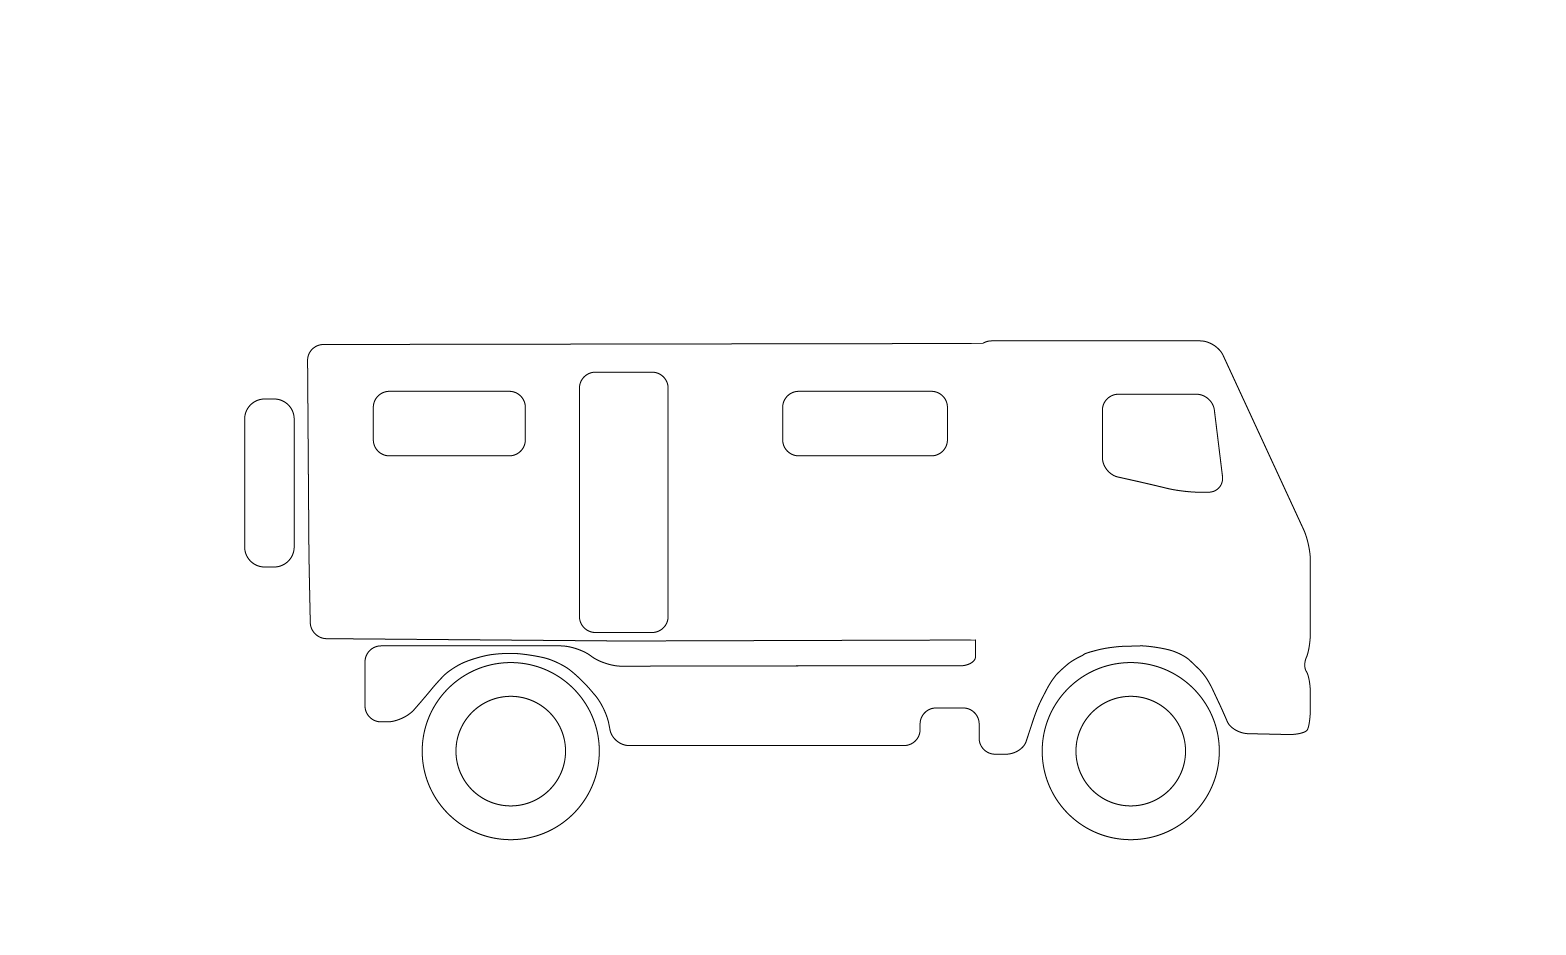 Monovolume icon